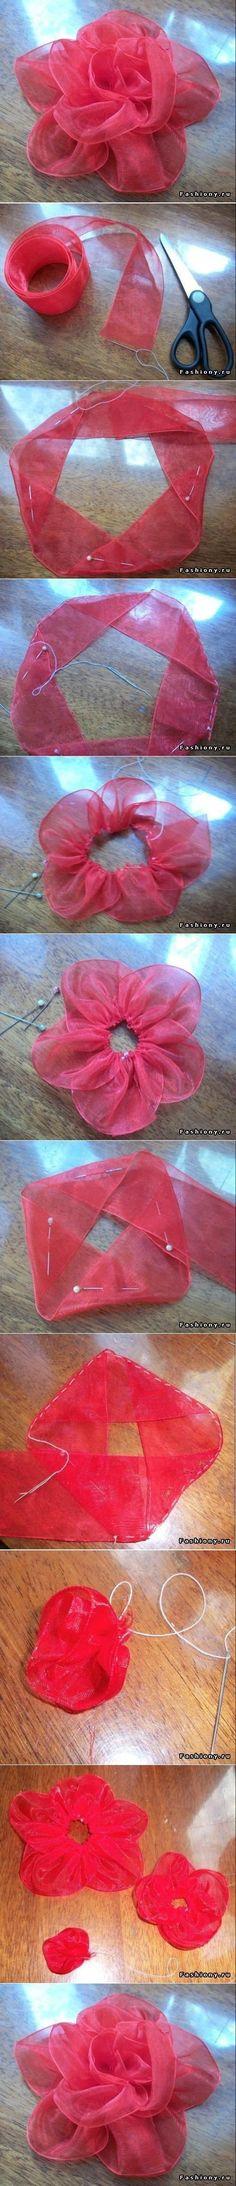 DIY Cinta Cinta de la flor DIY